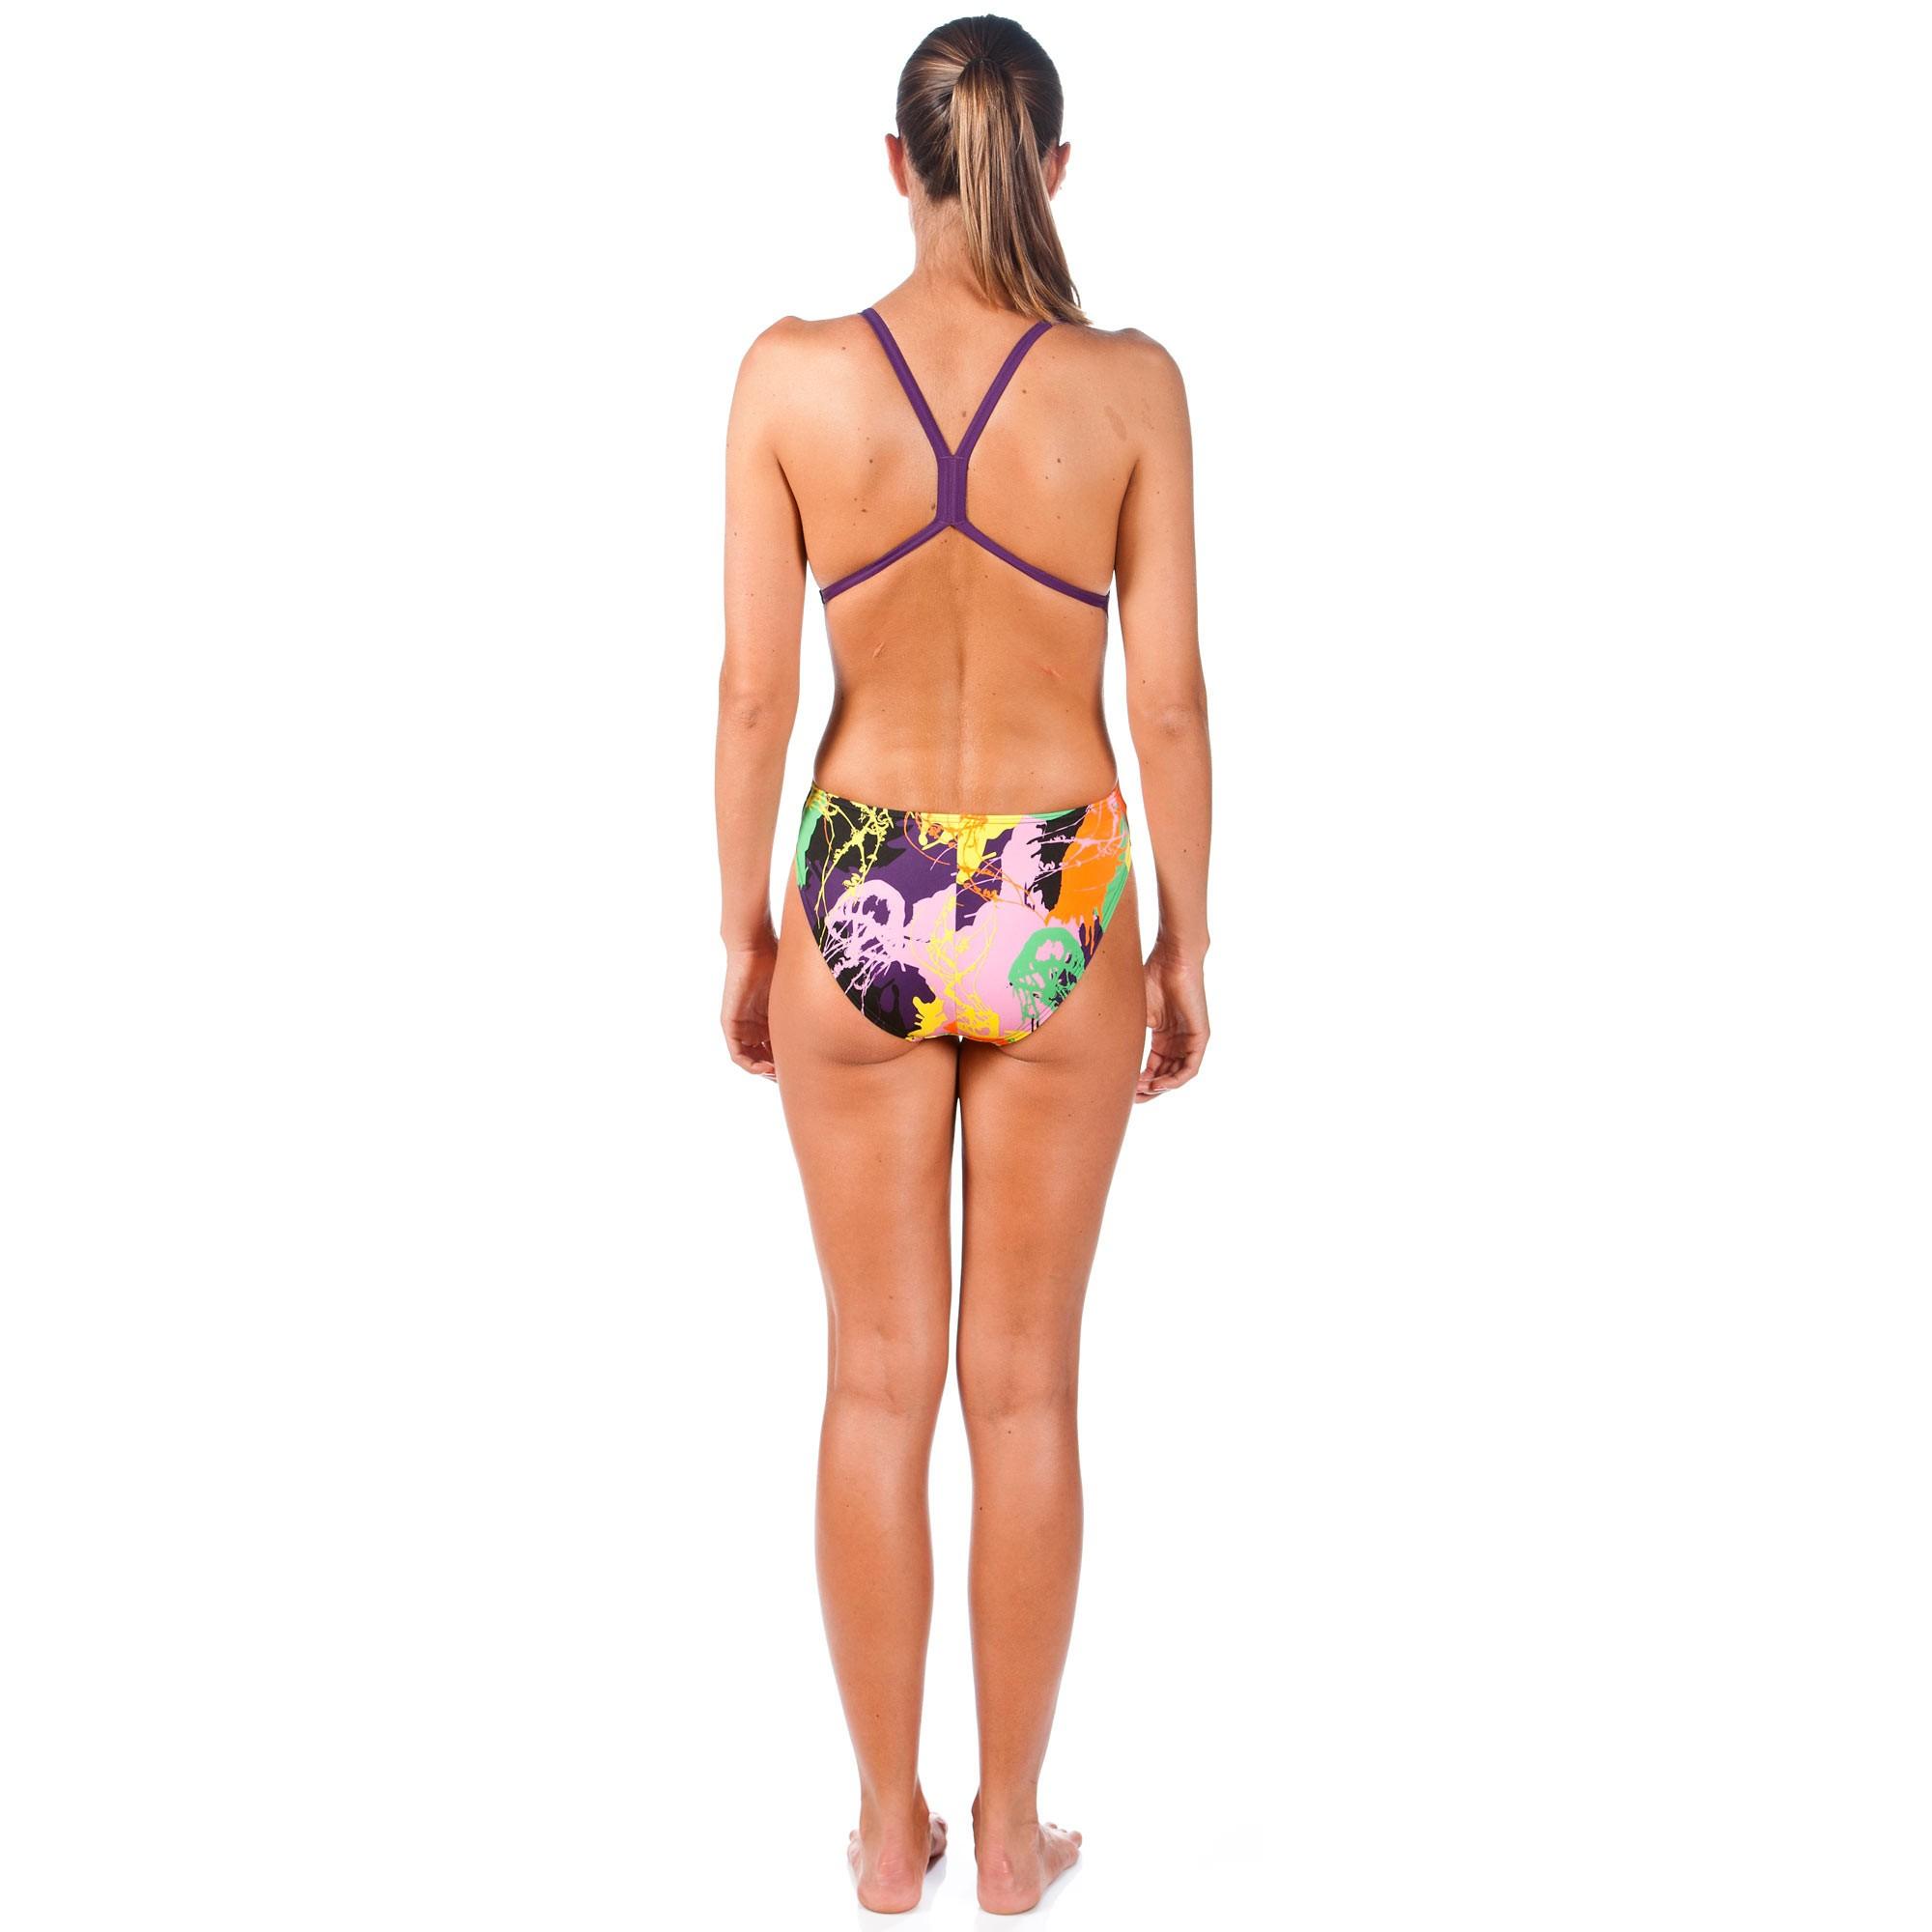 7a65965a5ecda Arena Women's Underwater One Piece